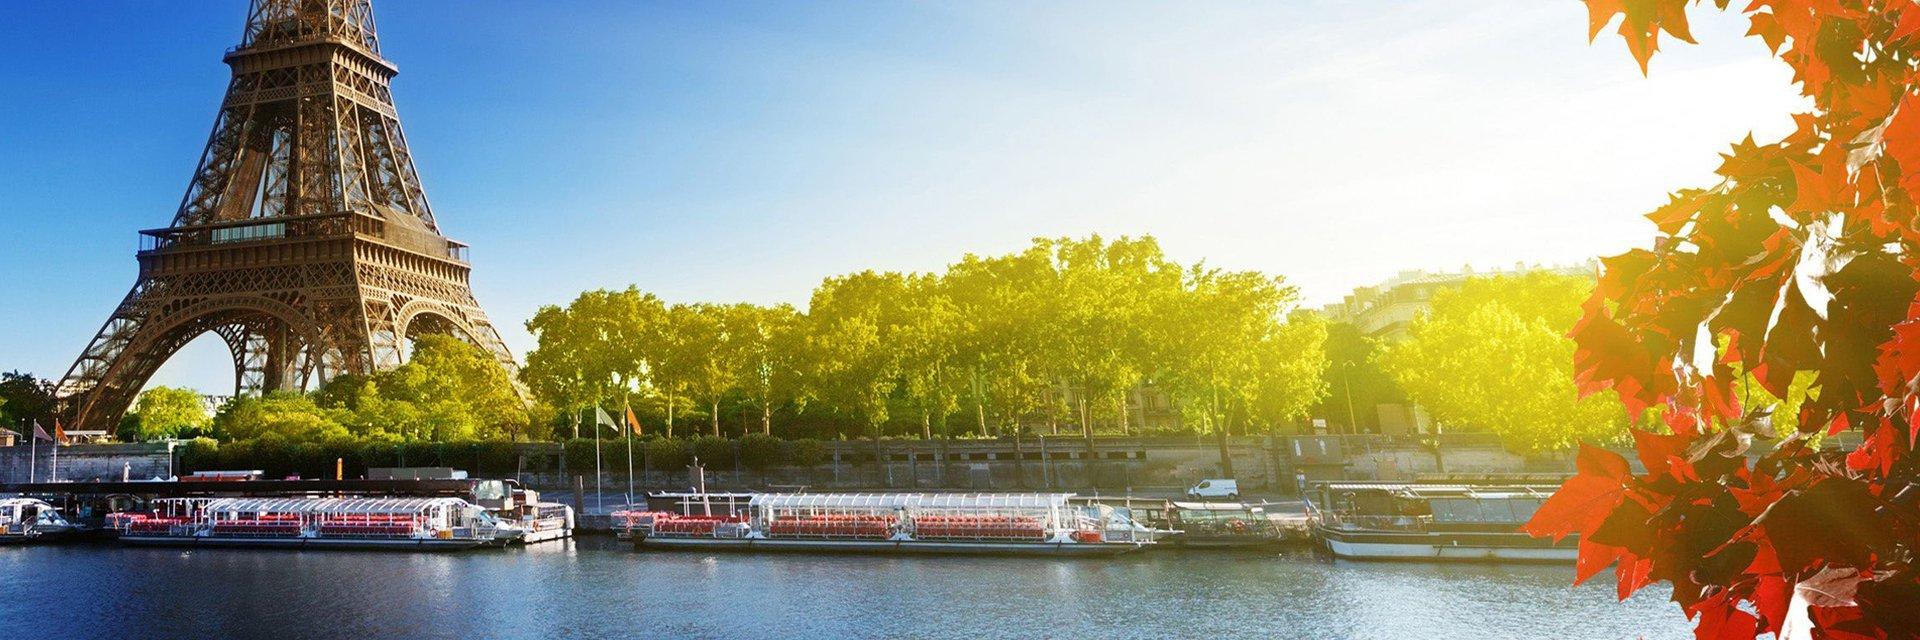 Туры во Францию 2019, путевки из Москвы - цены на отдых во Франции - ПАКС